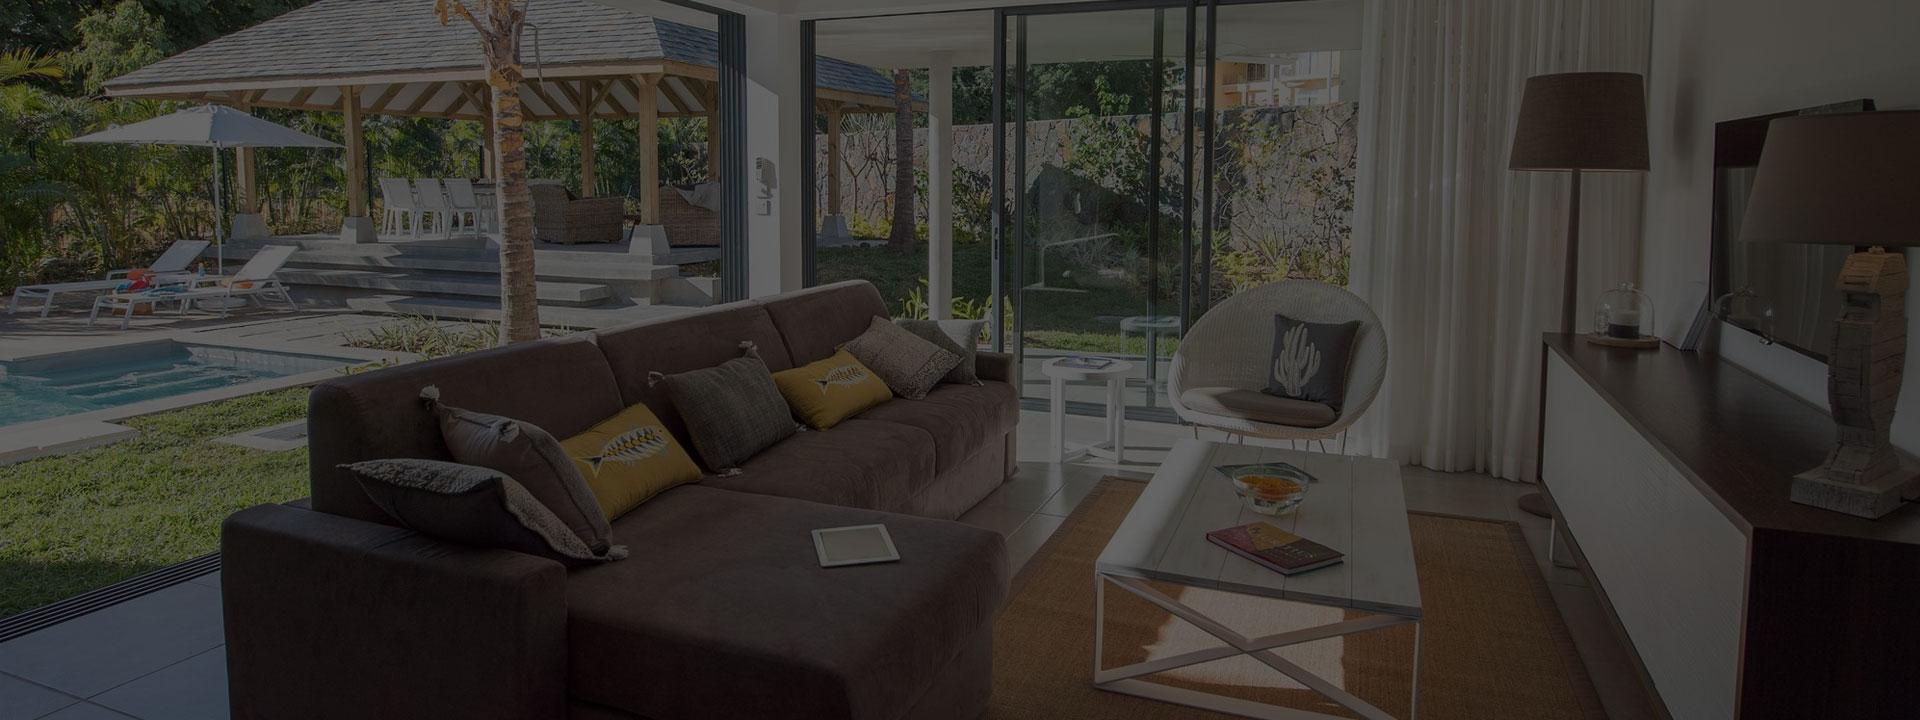 Conseils pour trouver la location immobiliere ideale